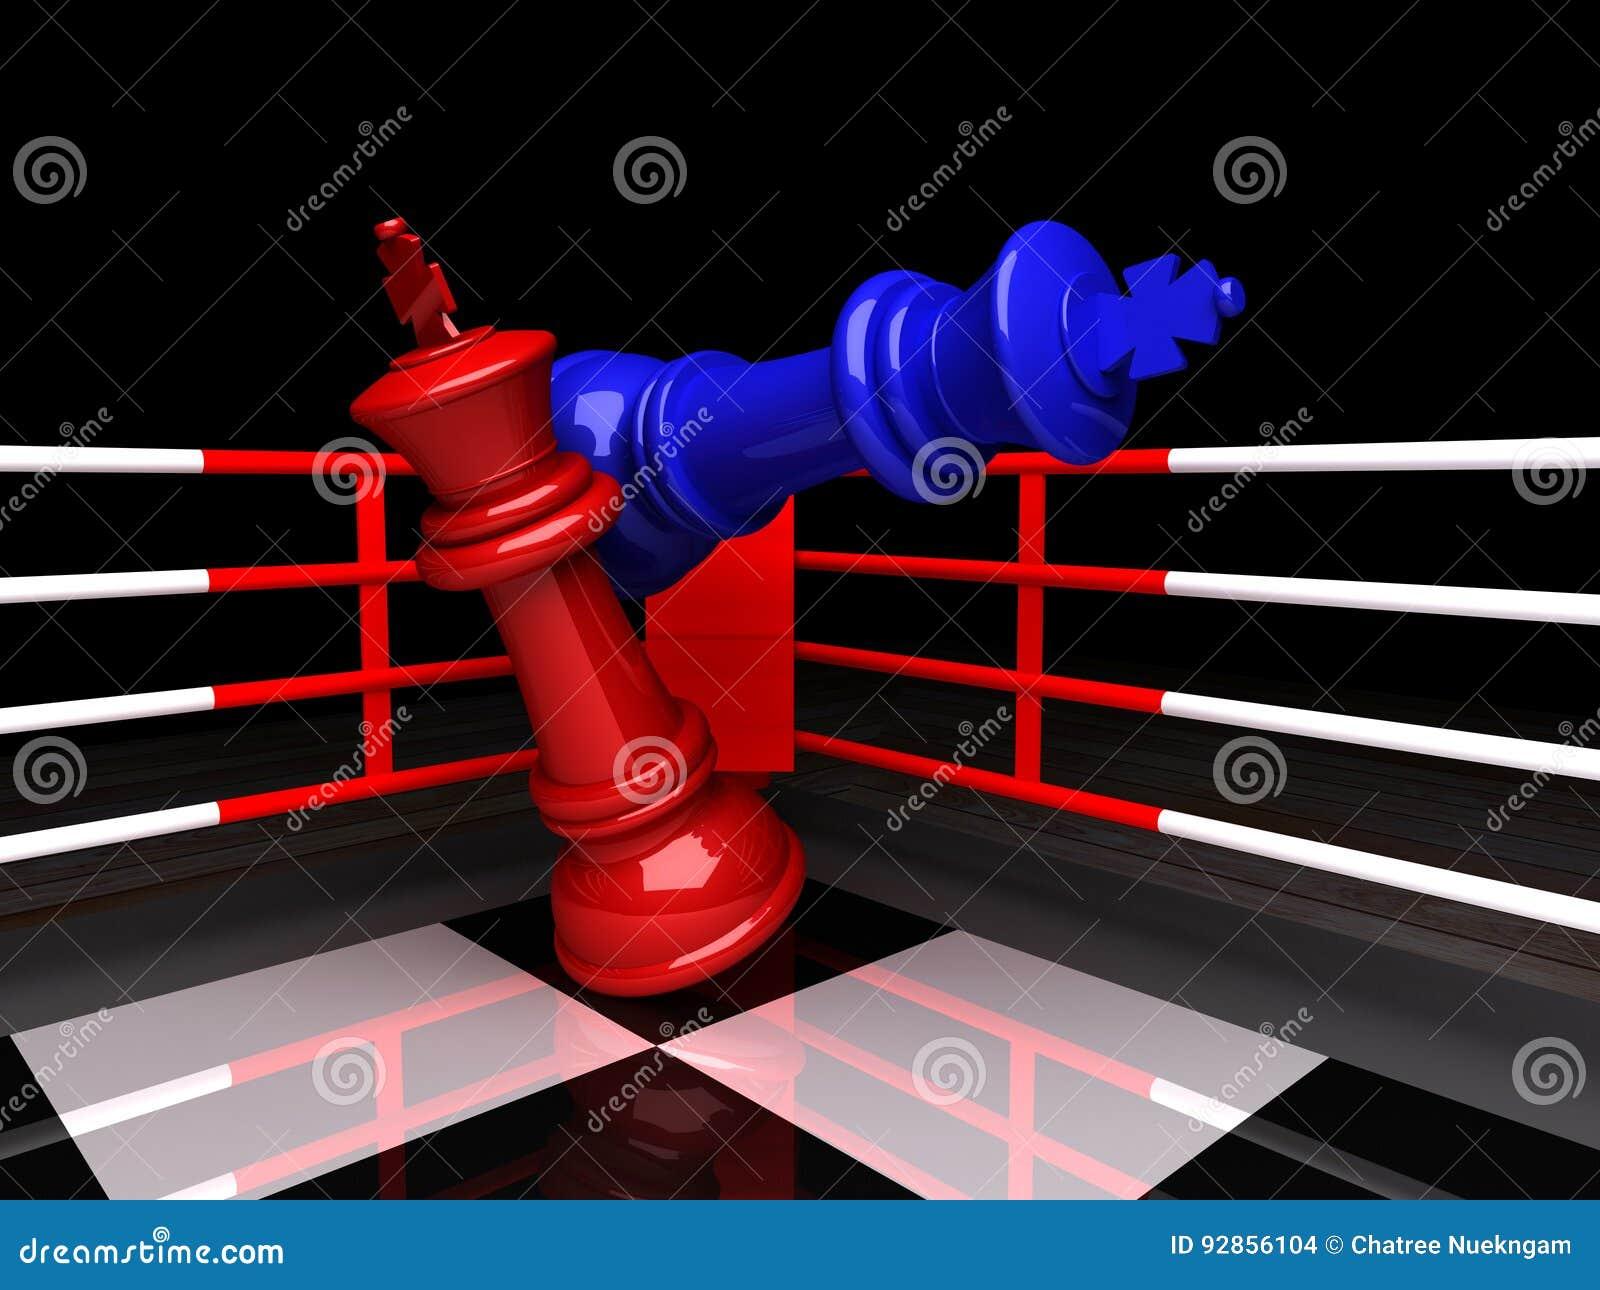 Re blu di scacchi è dato scacco matto, rappresentazione 3D